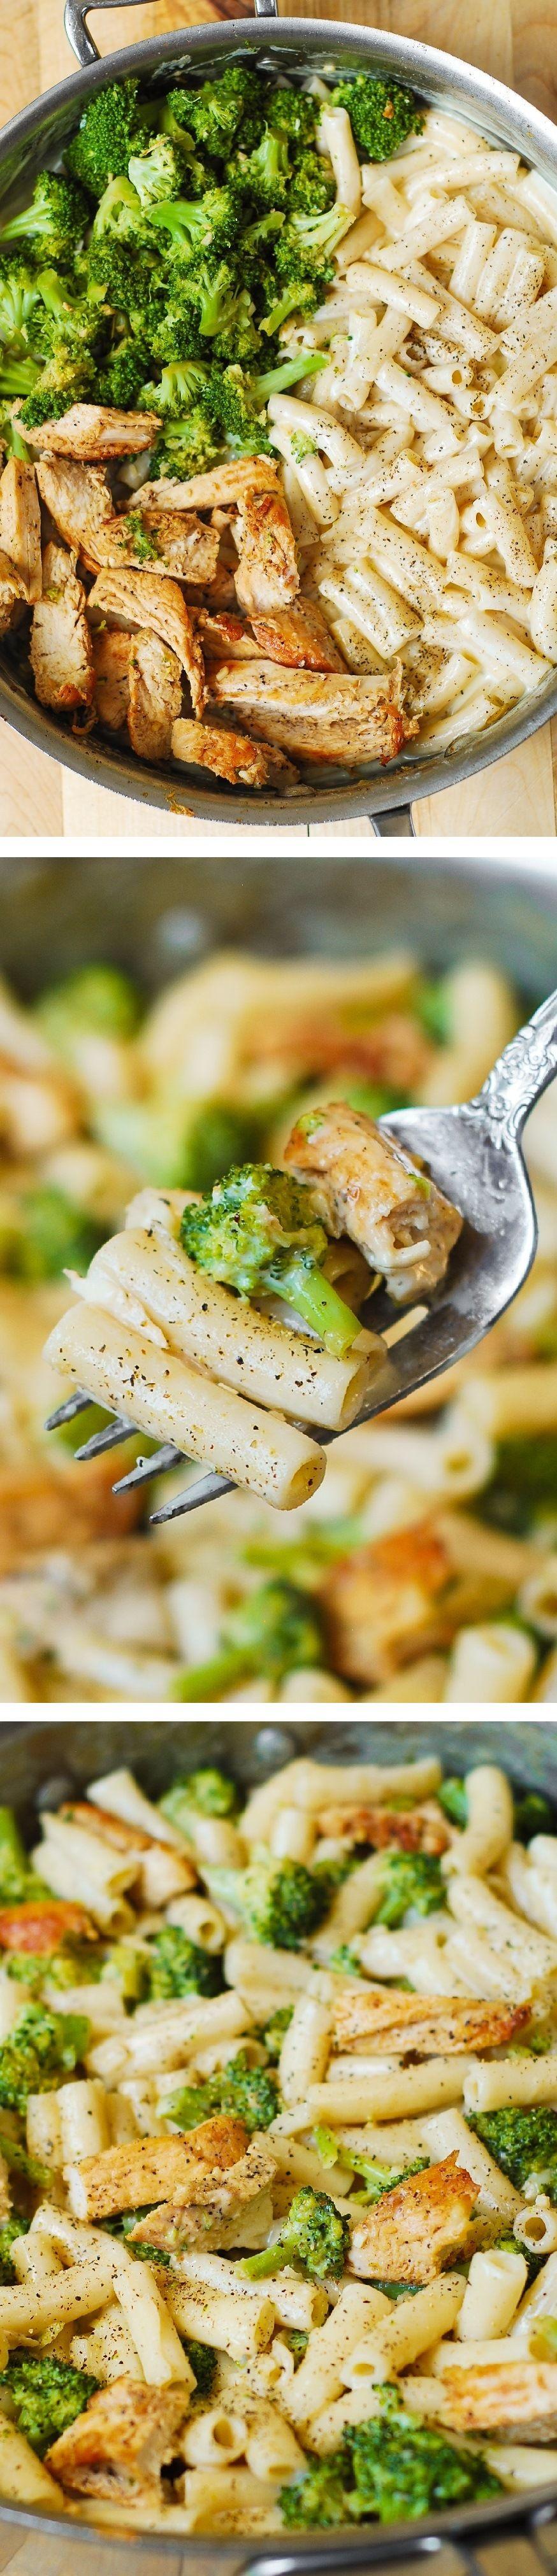 Delicious, creamy chicken breast, broccoli, garlic in a simple, homemade cream sauce. My favorite alfredo pasta!